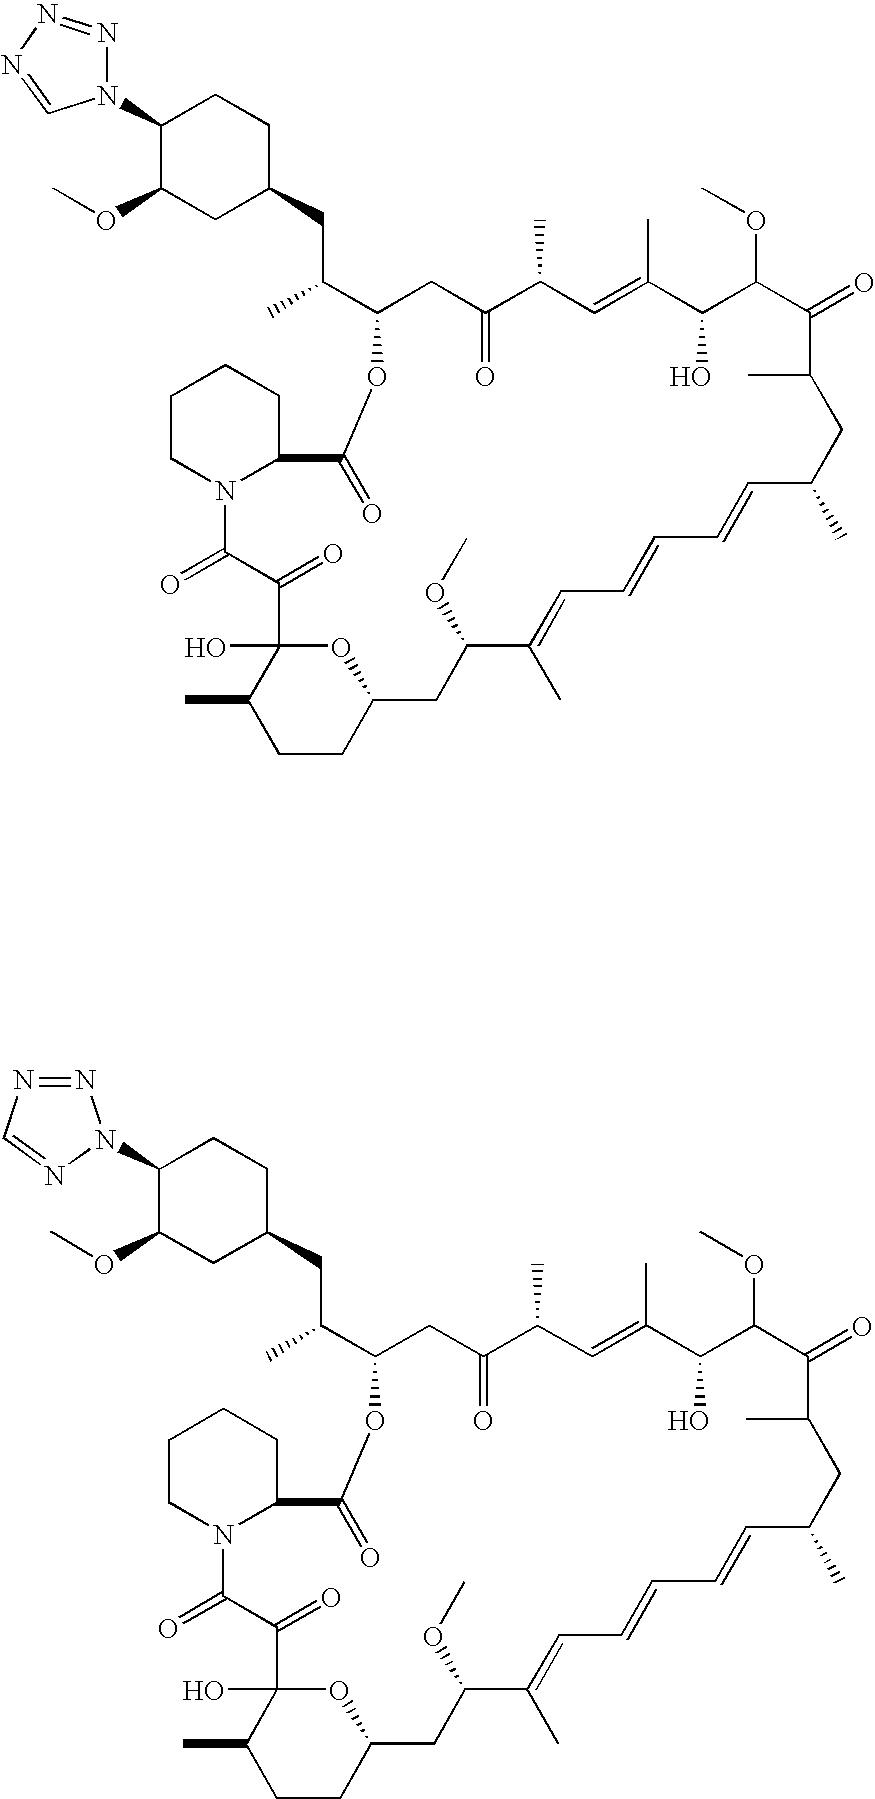 Figure US20090216317A1-20090827-C00011